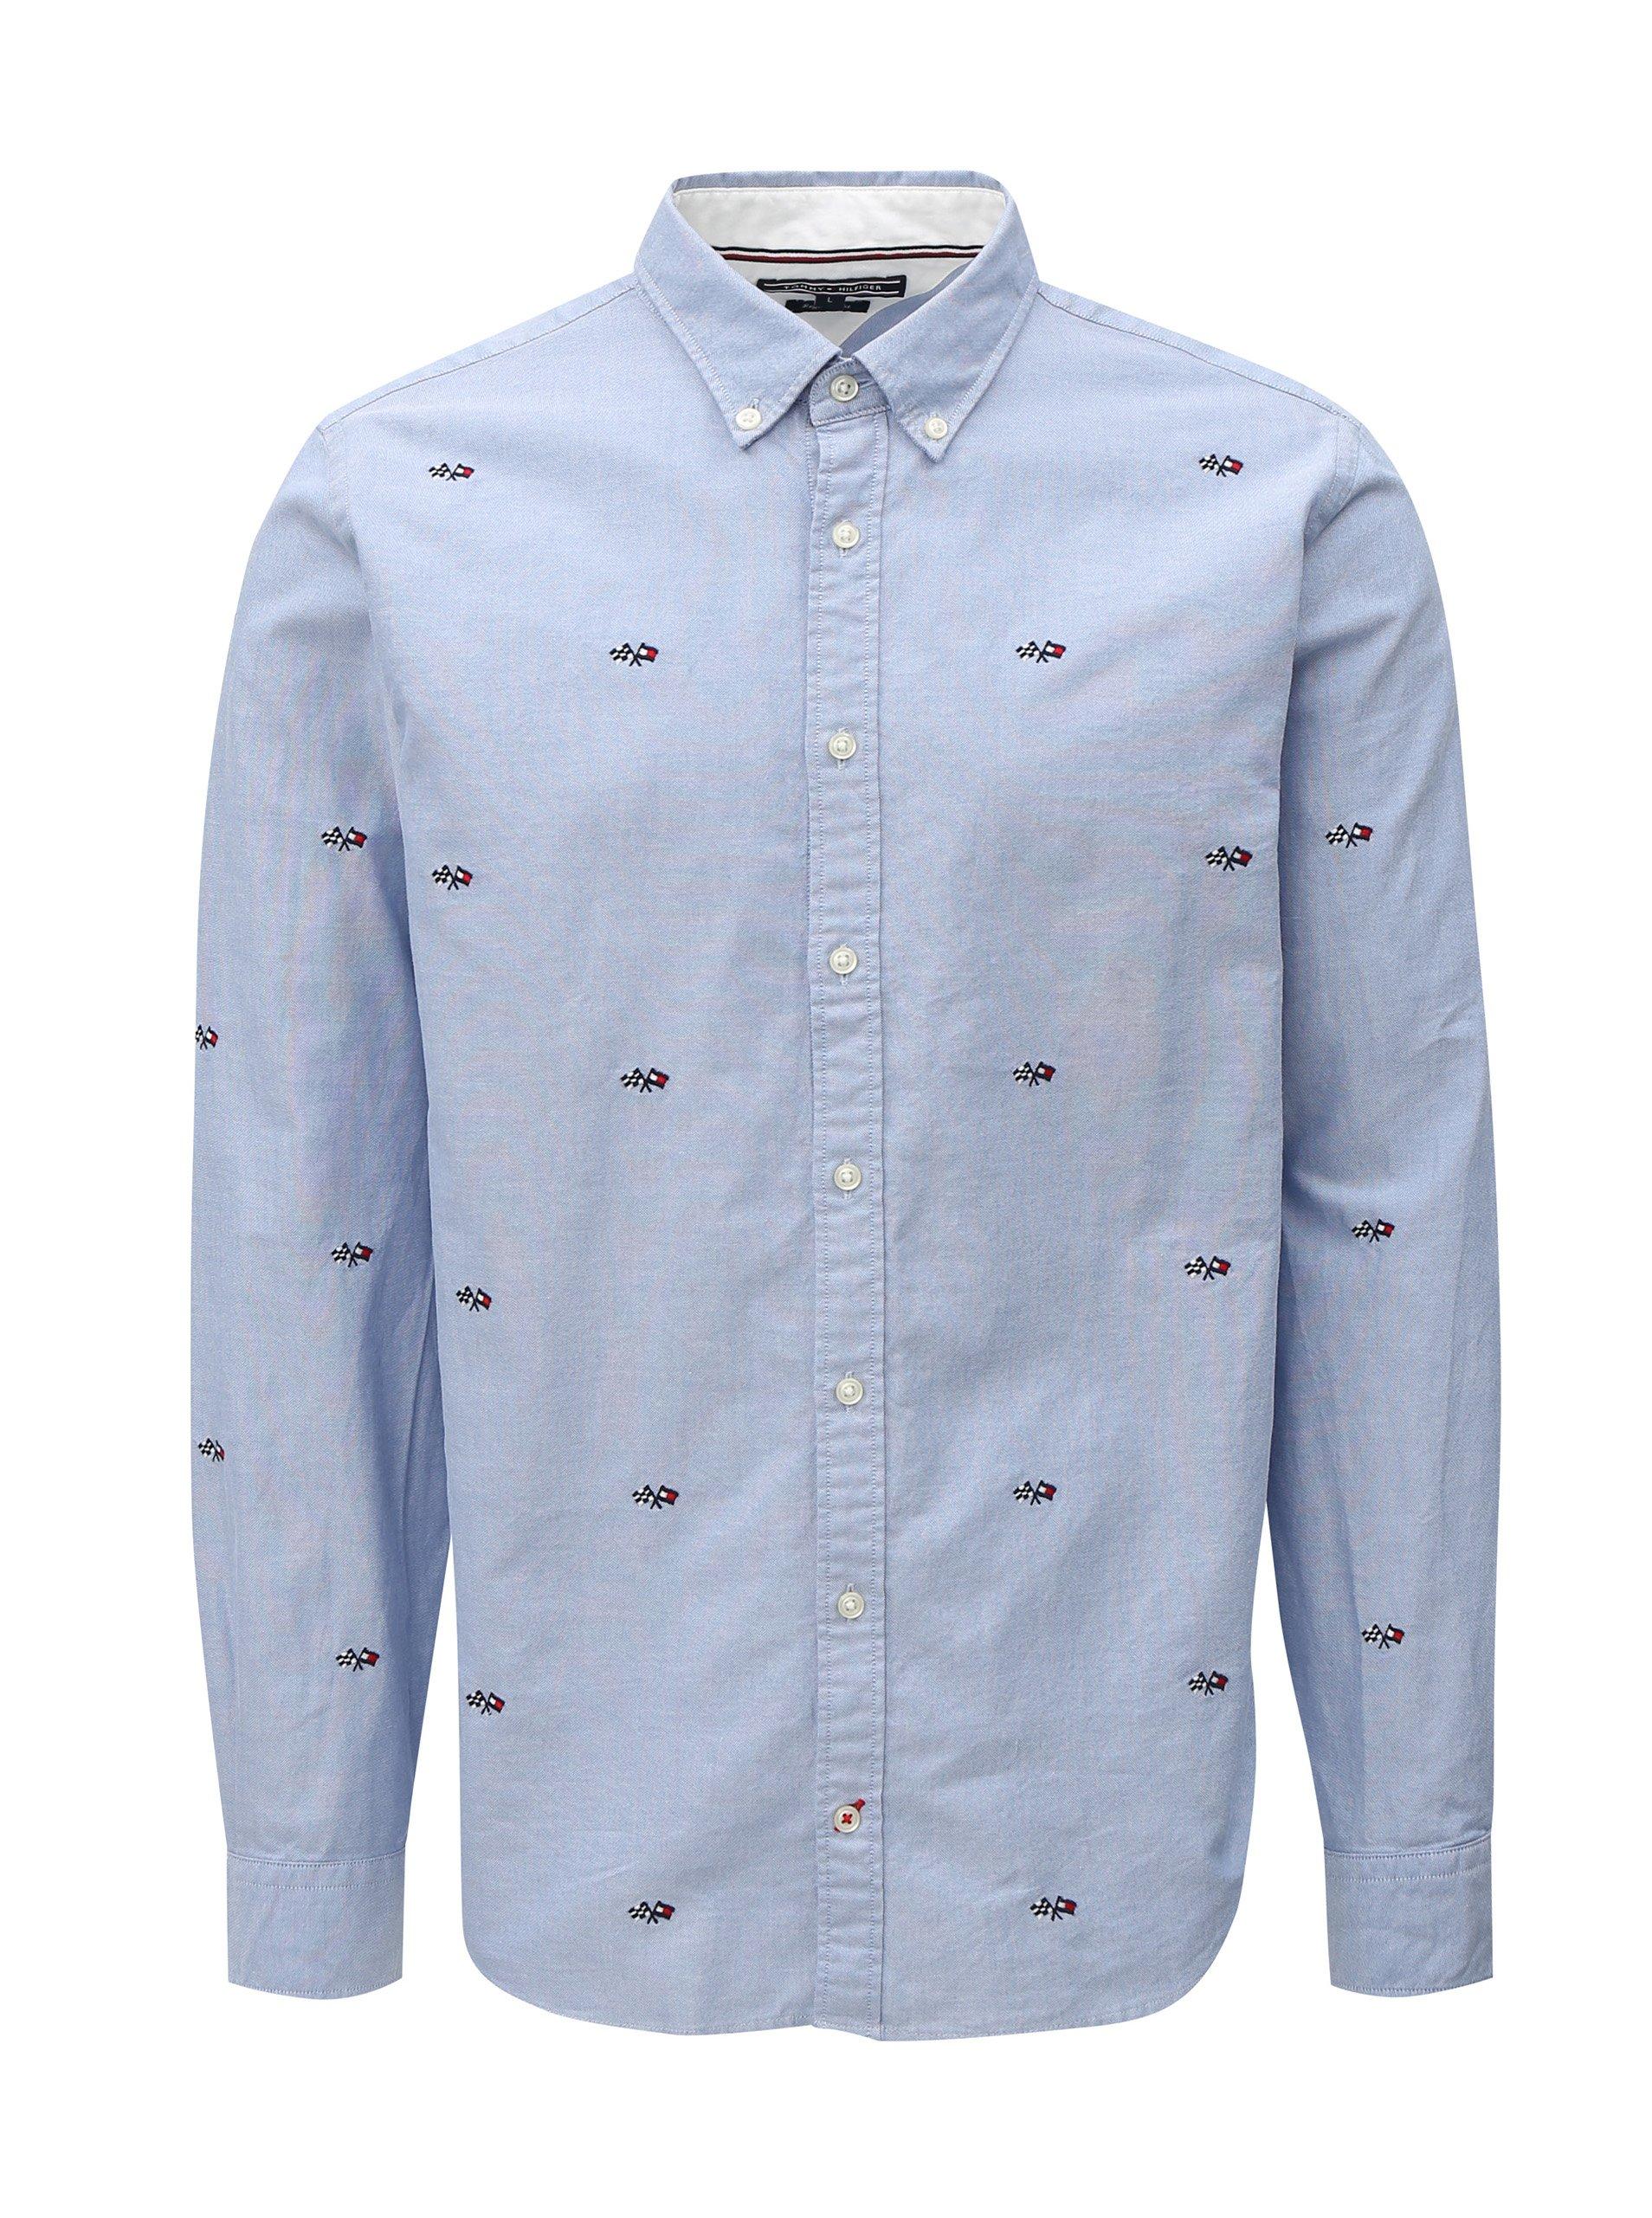 d57d03758cd Světle modrá pánská vzorovaná regular fit košile Tommy Hilfiger